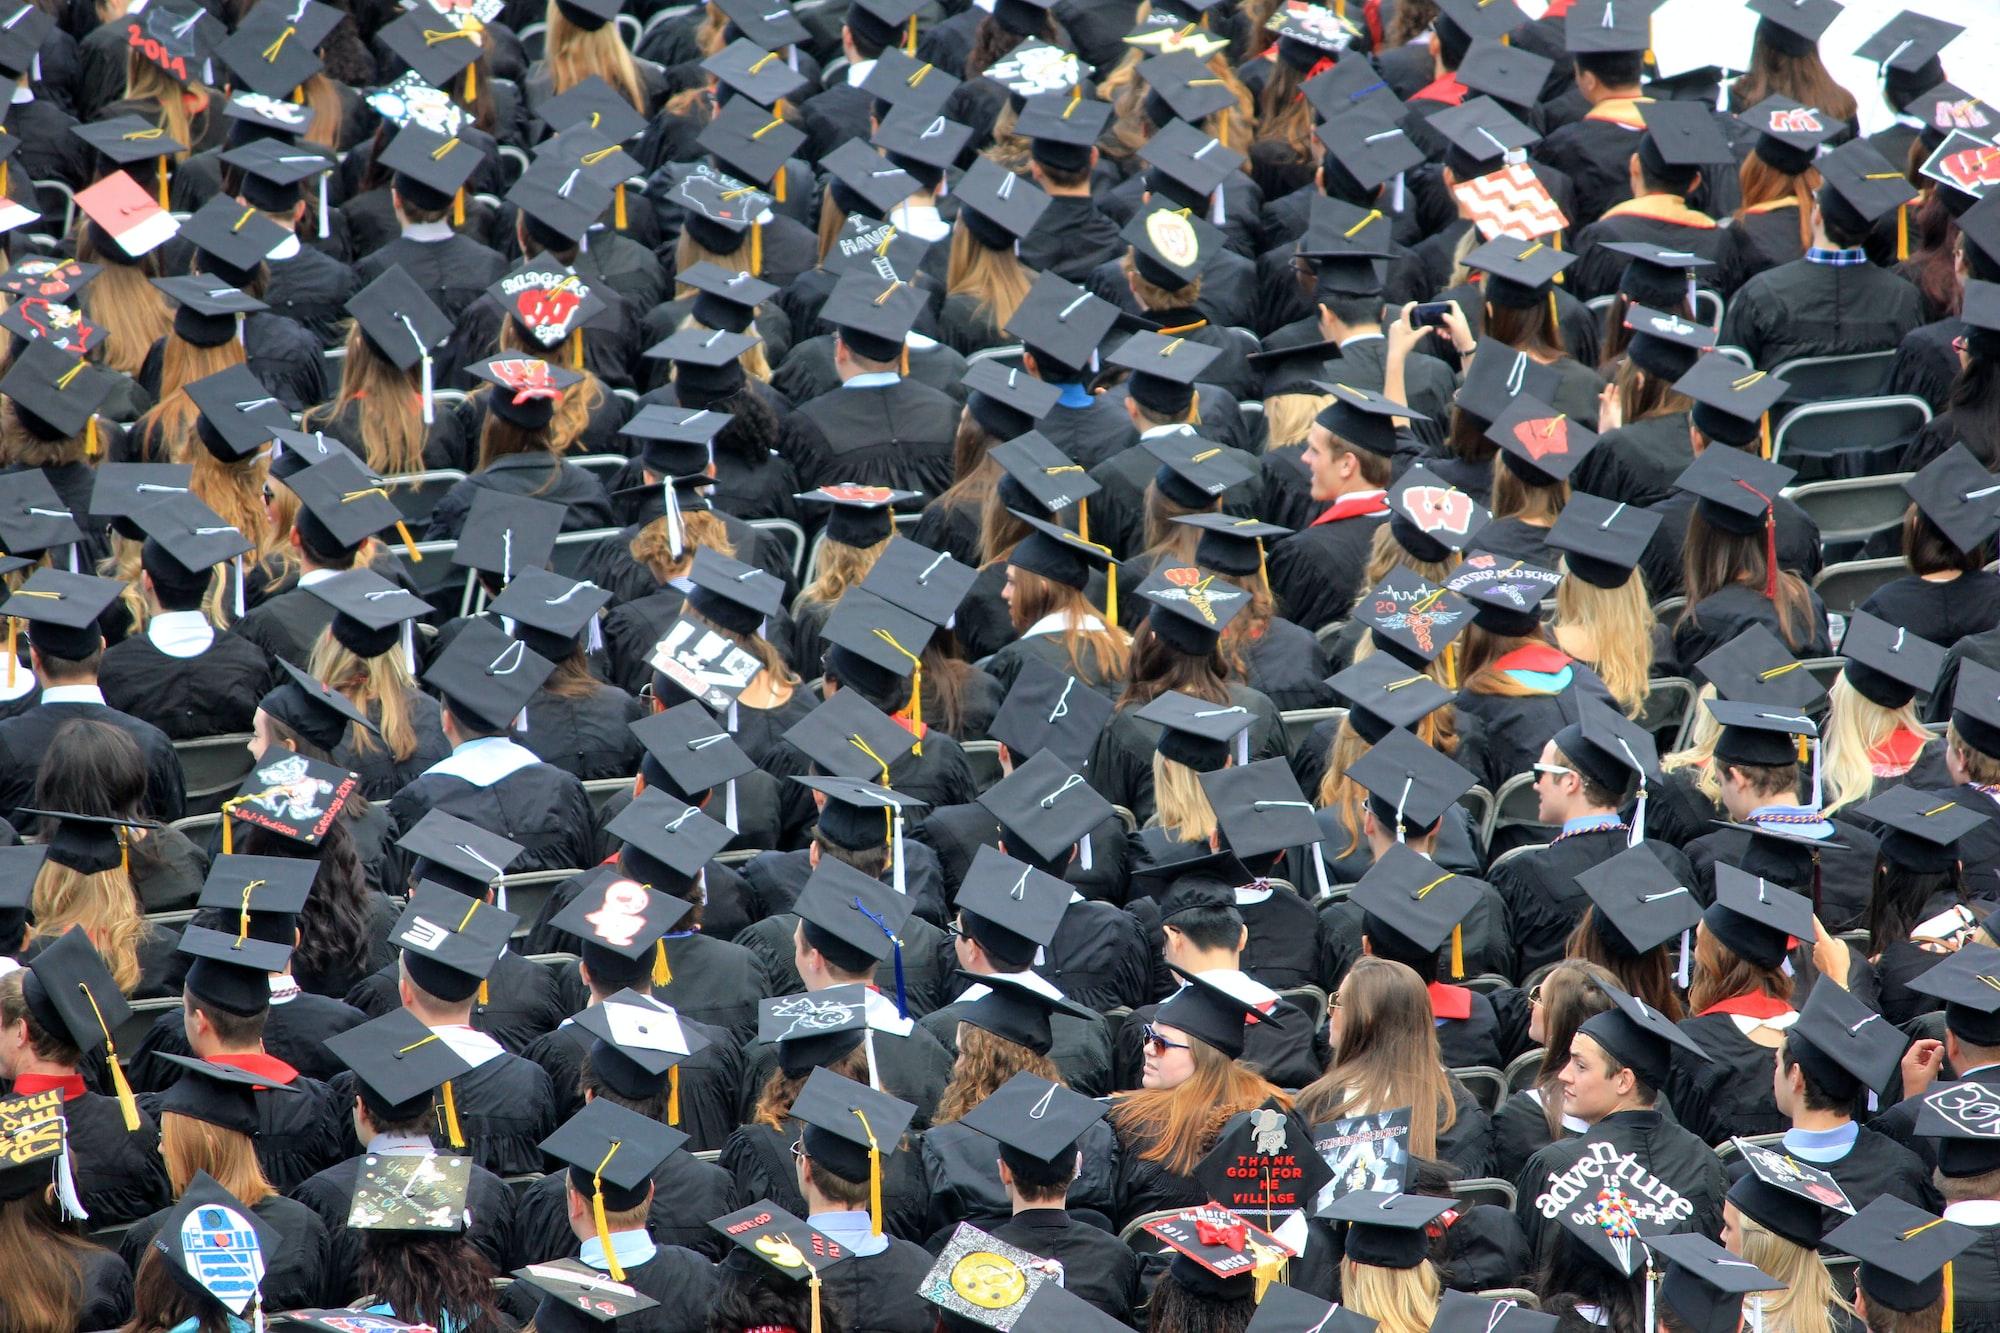 2021 Graduation Service